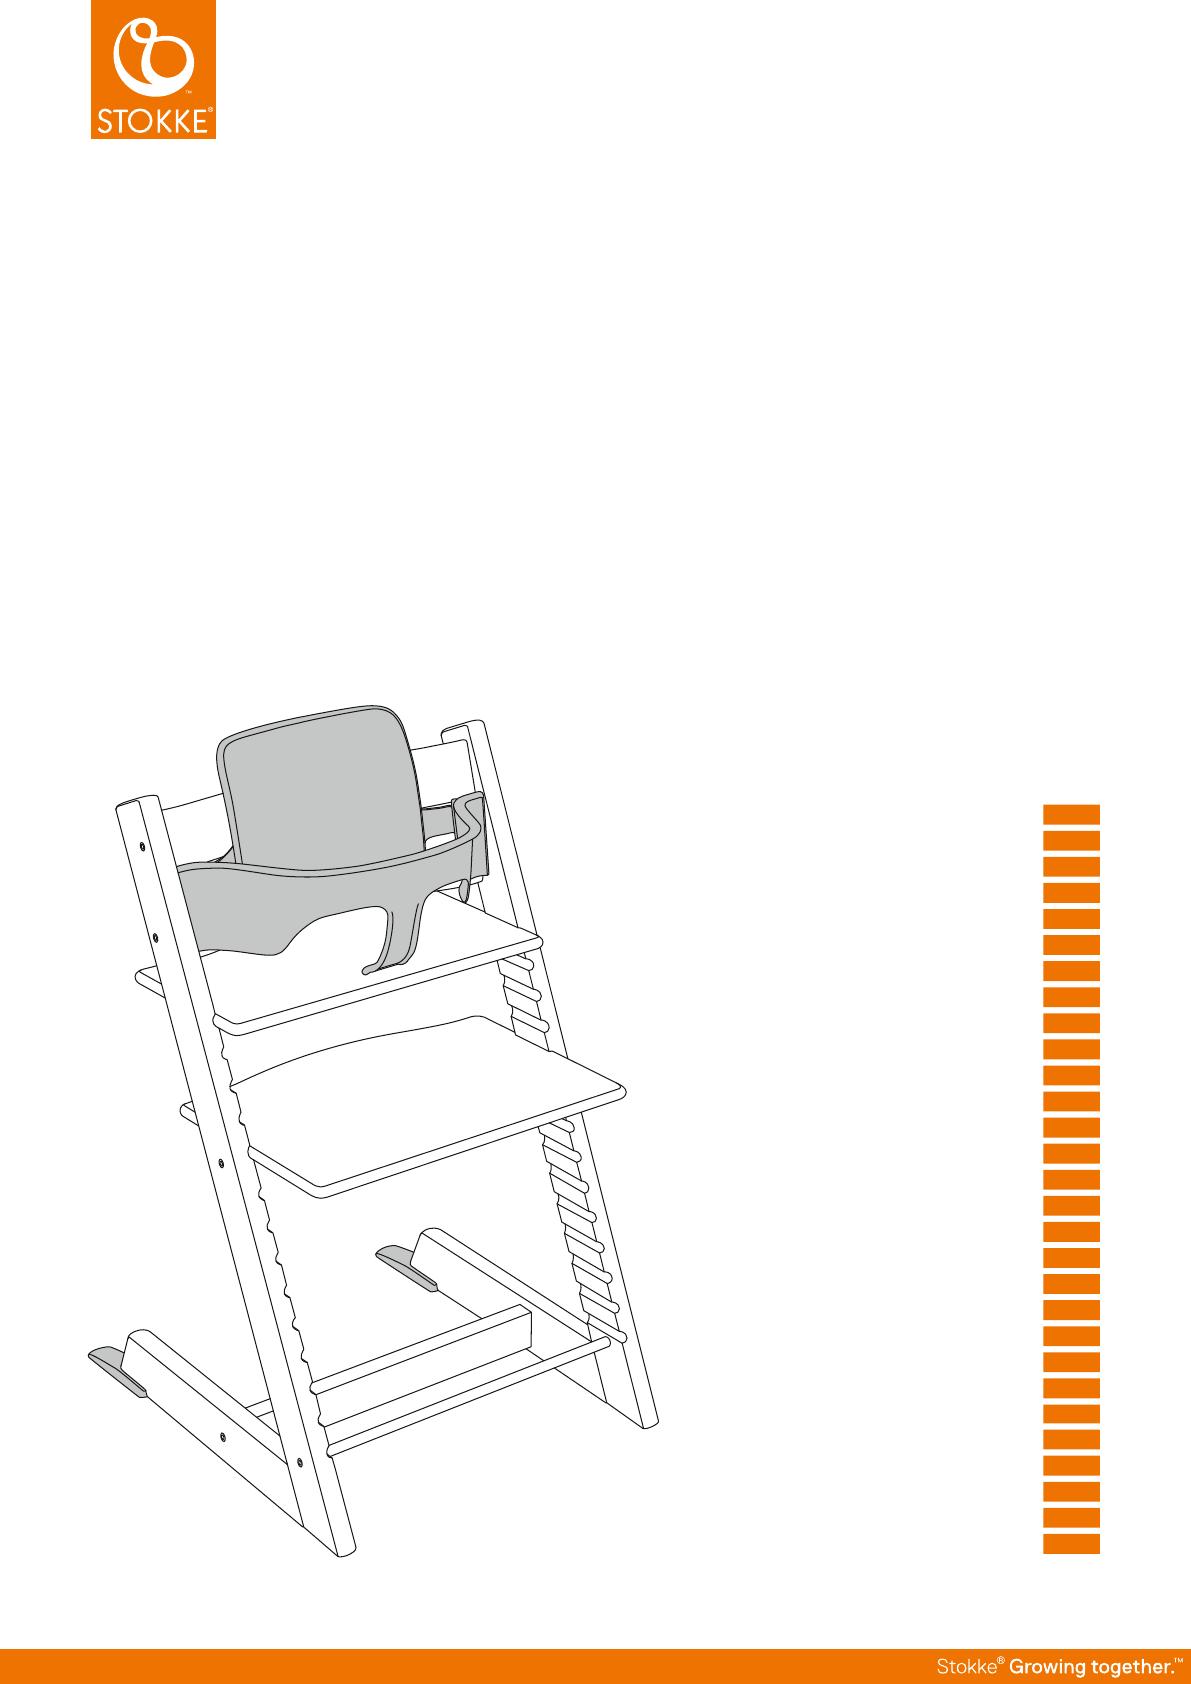 stokke tripp trapp assembly